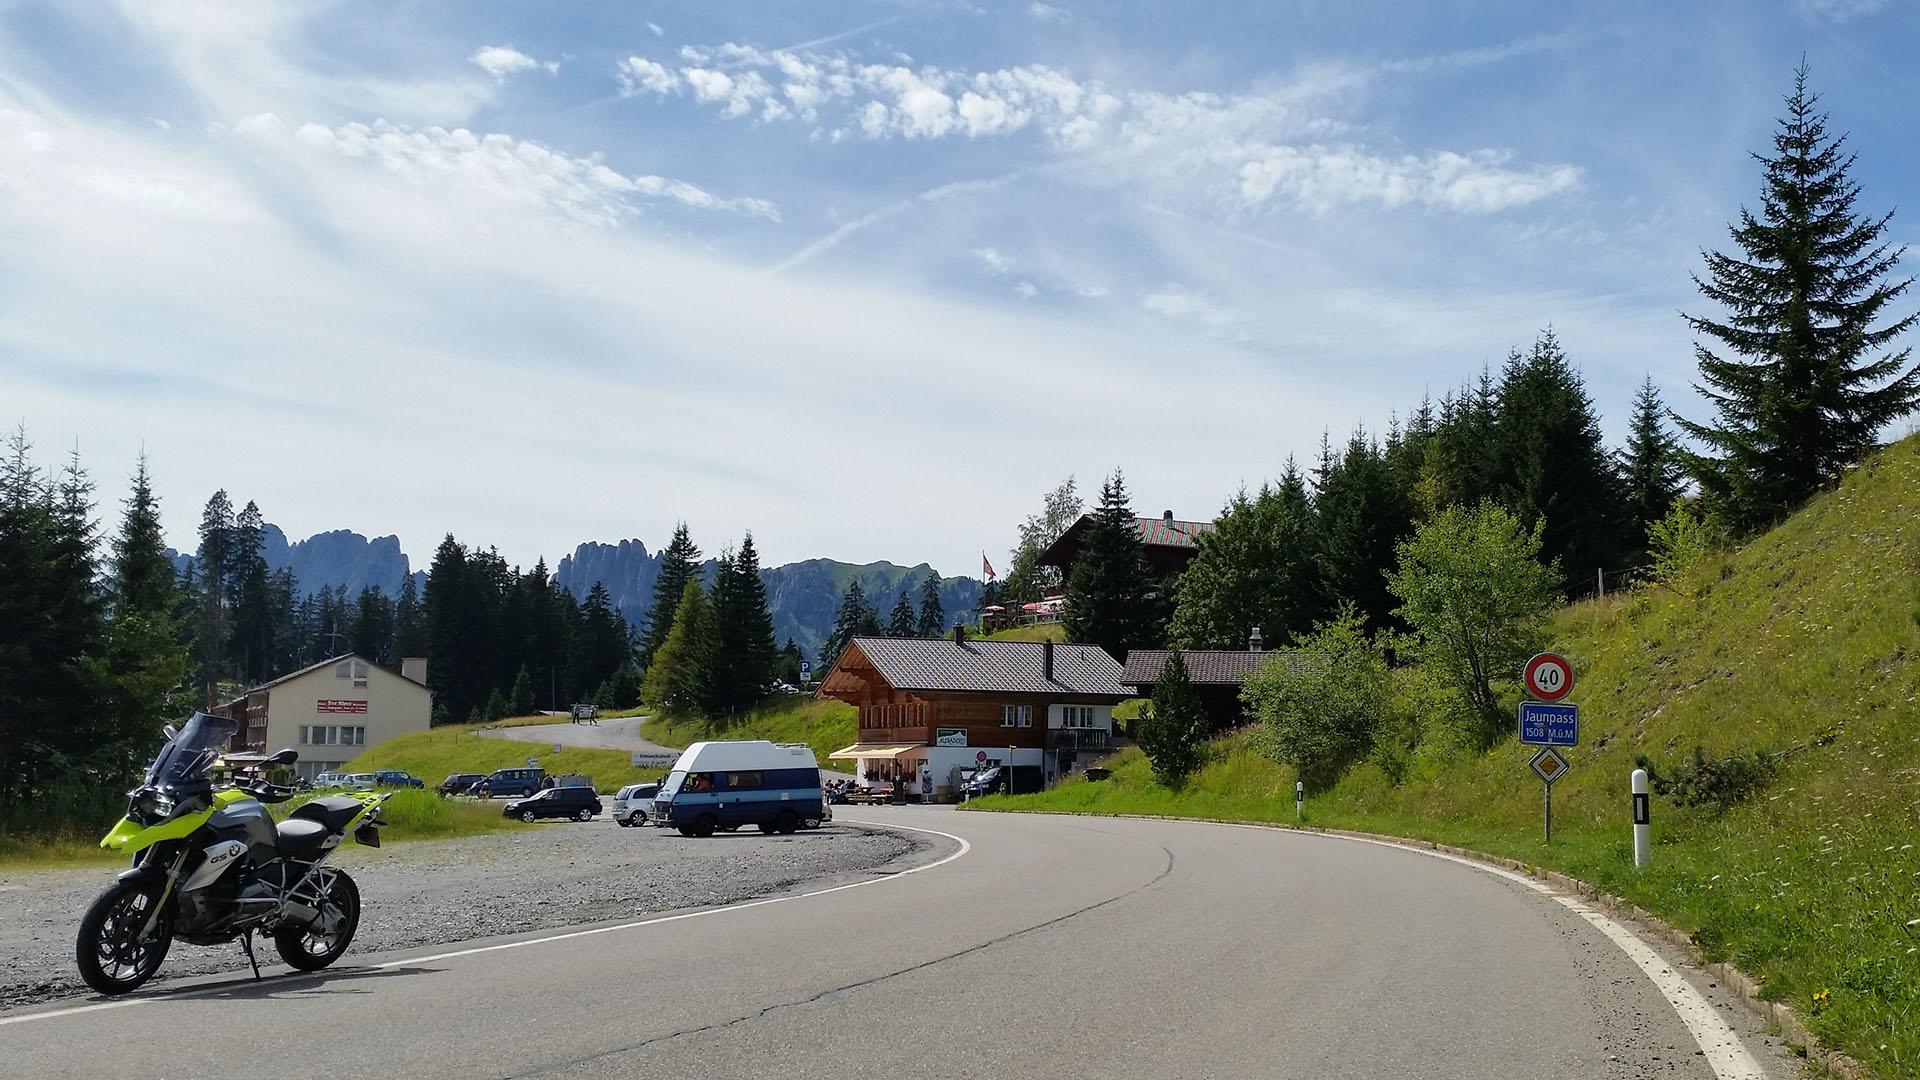 1508 - CH - Jaun-Pass